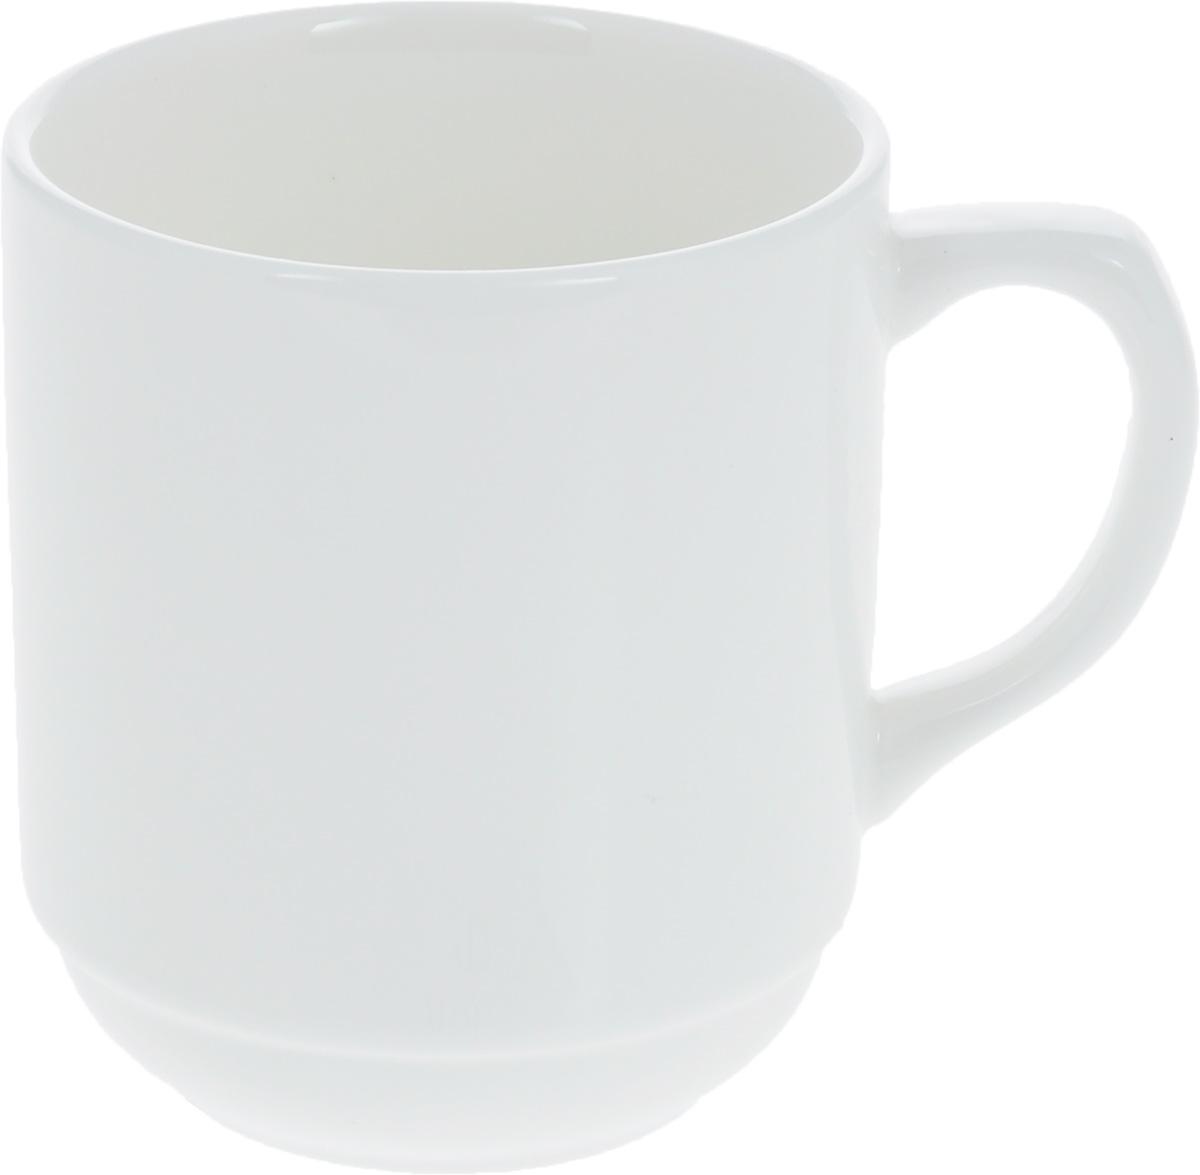 Кружка Wilmax, 320 мл115510Штабелируемая кружка Wilmax, выполненная из высококачественного фарфора, оснащена удобной ручкой. Такая кружка впишется в любой интерьер современной кухни, а также станет отличным дополнением к сервировке праздничного или обеденного стола. Диаметр кружки (по верхнему краю): 8 см.